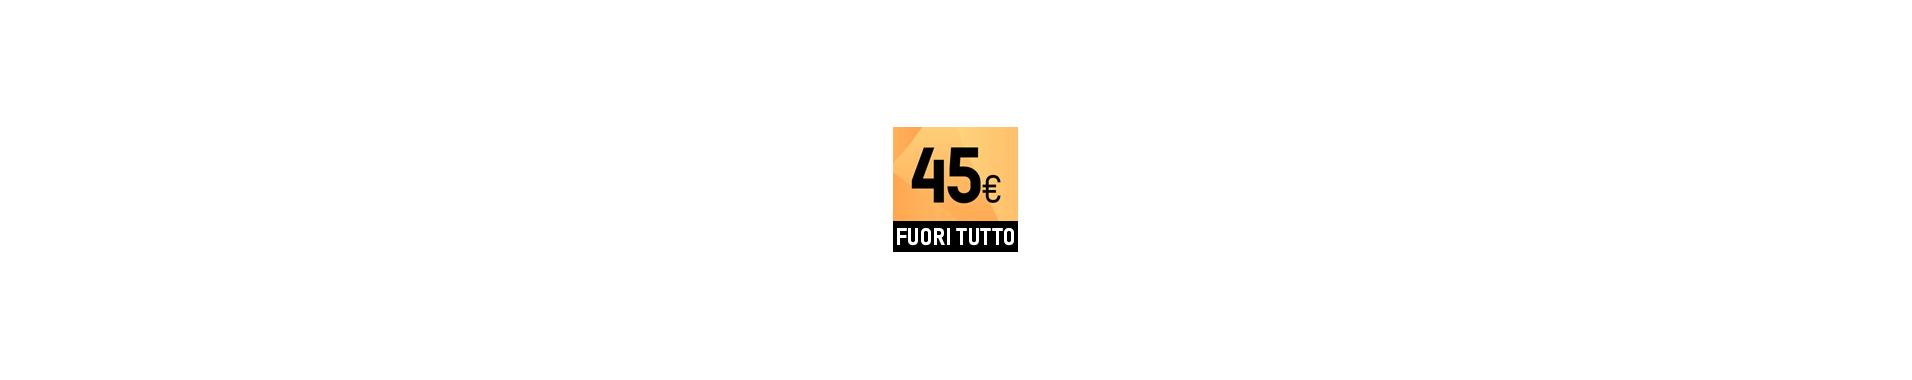 Fuori tutto Guanti da moto a 45 euro